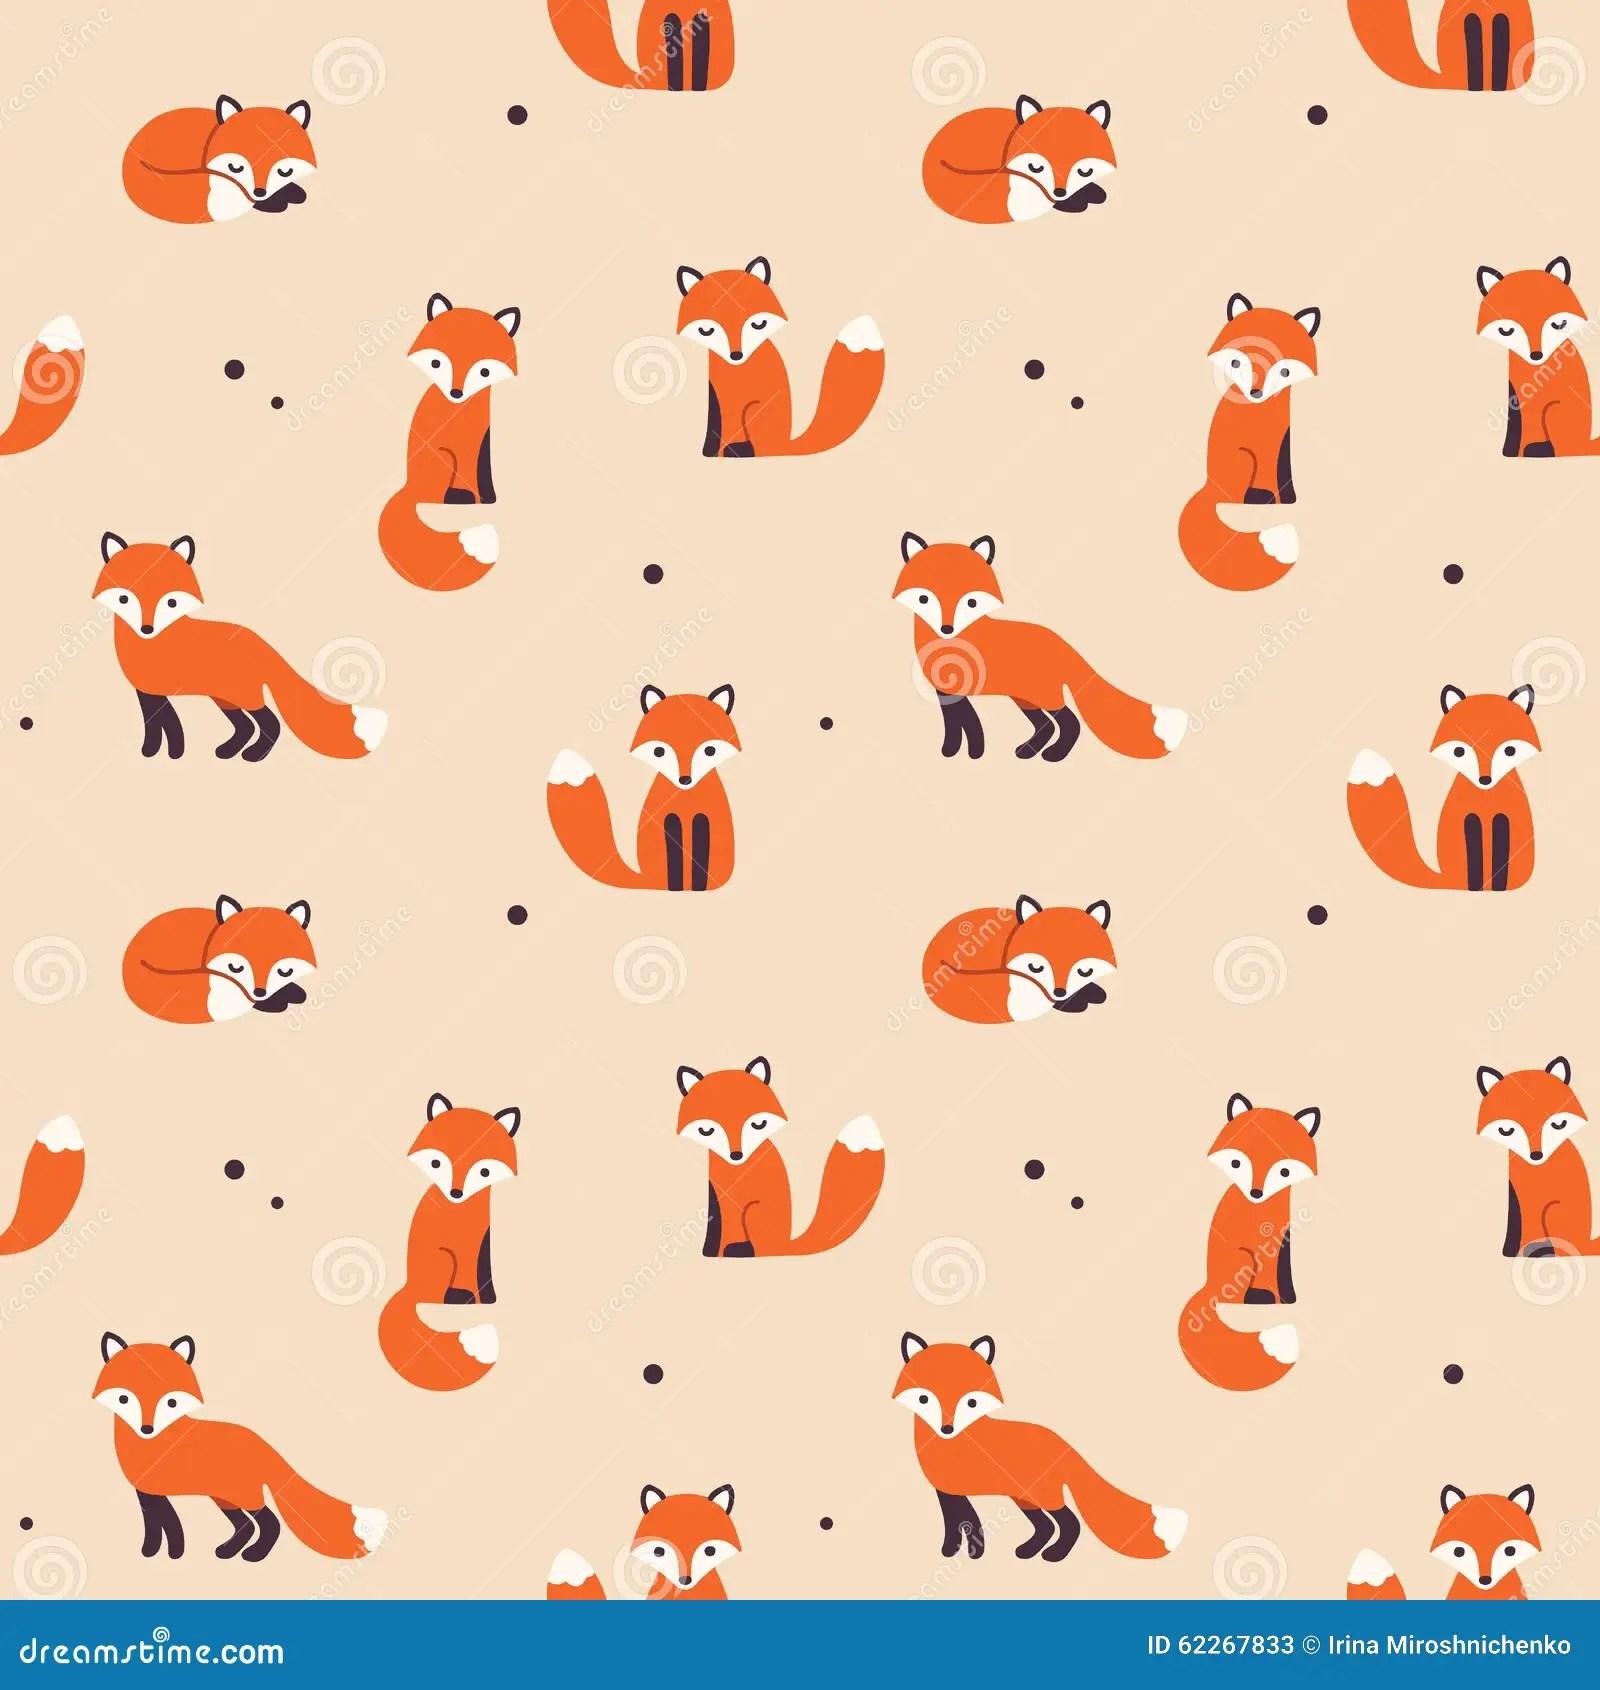 Cute Cartoon Flower Wallpaper Seamless Fox Pattern Stock Vector Image 62267833